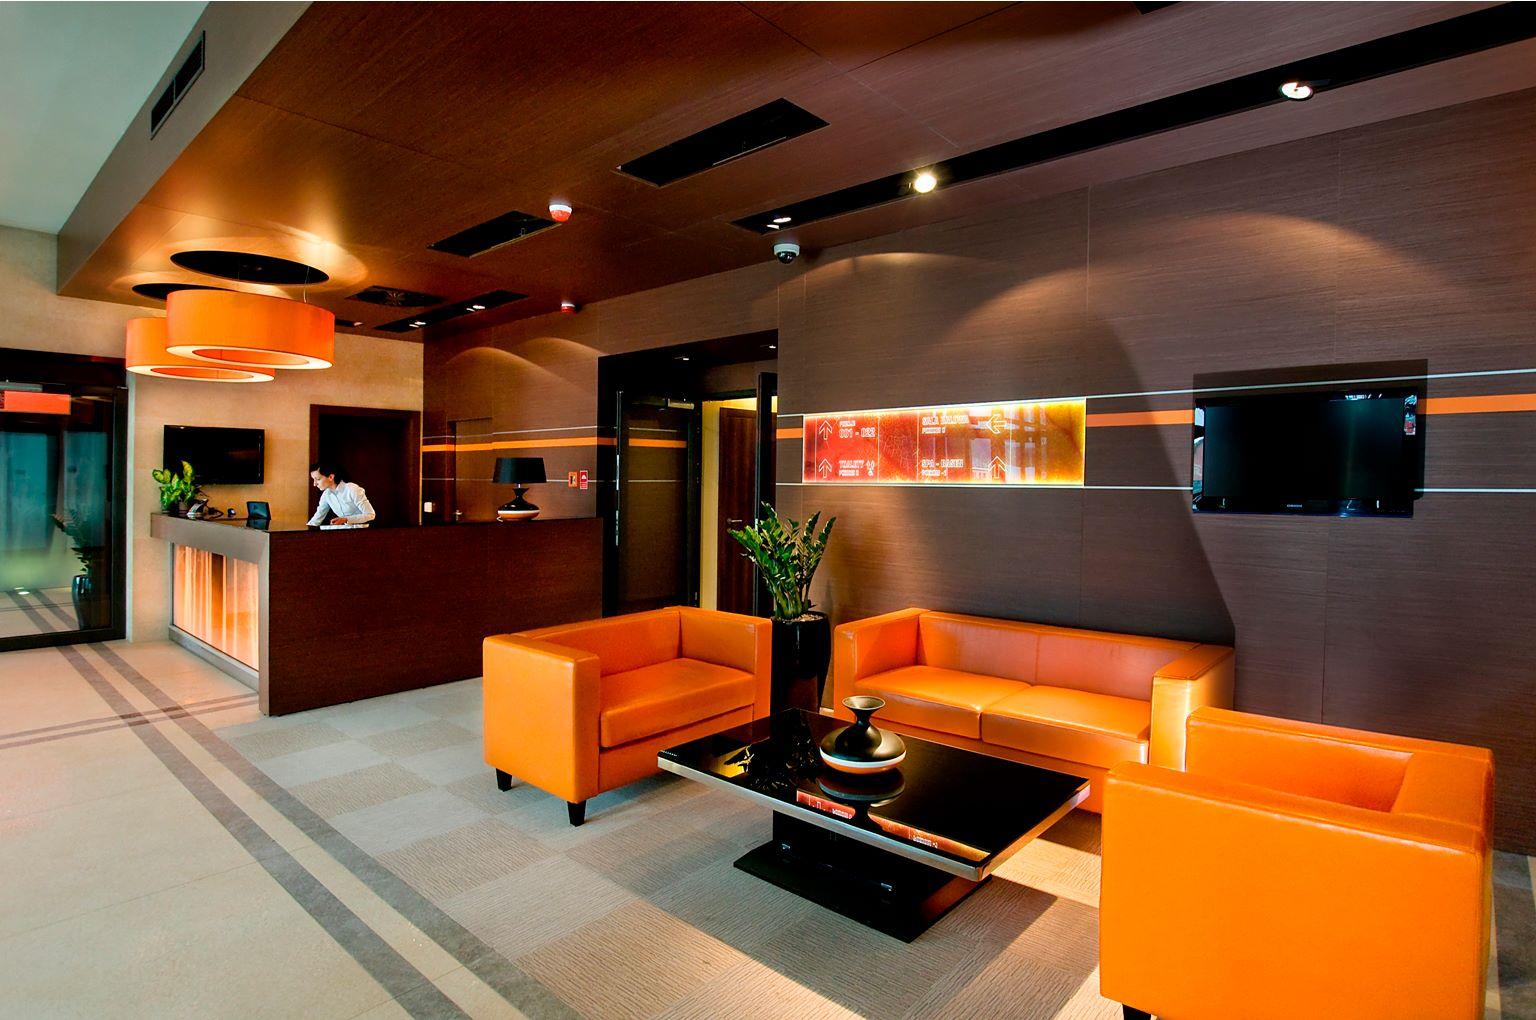 magazynkobiet.pl - 468118 204138576372197 515958232 o - River Style Hotel & SPA – wytchnienie w dobrym stylu